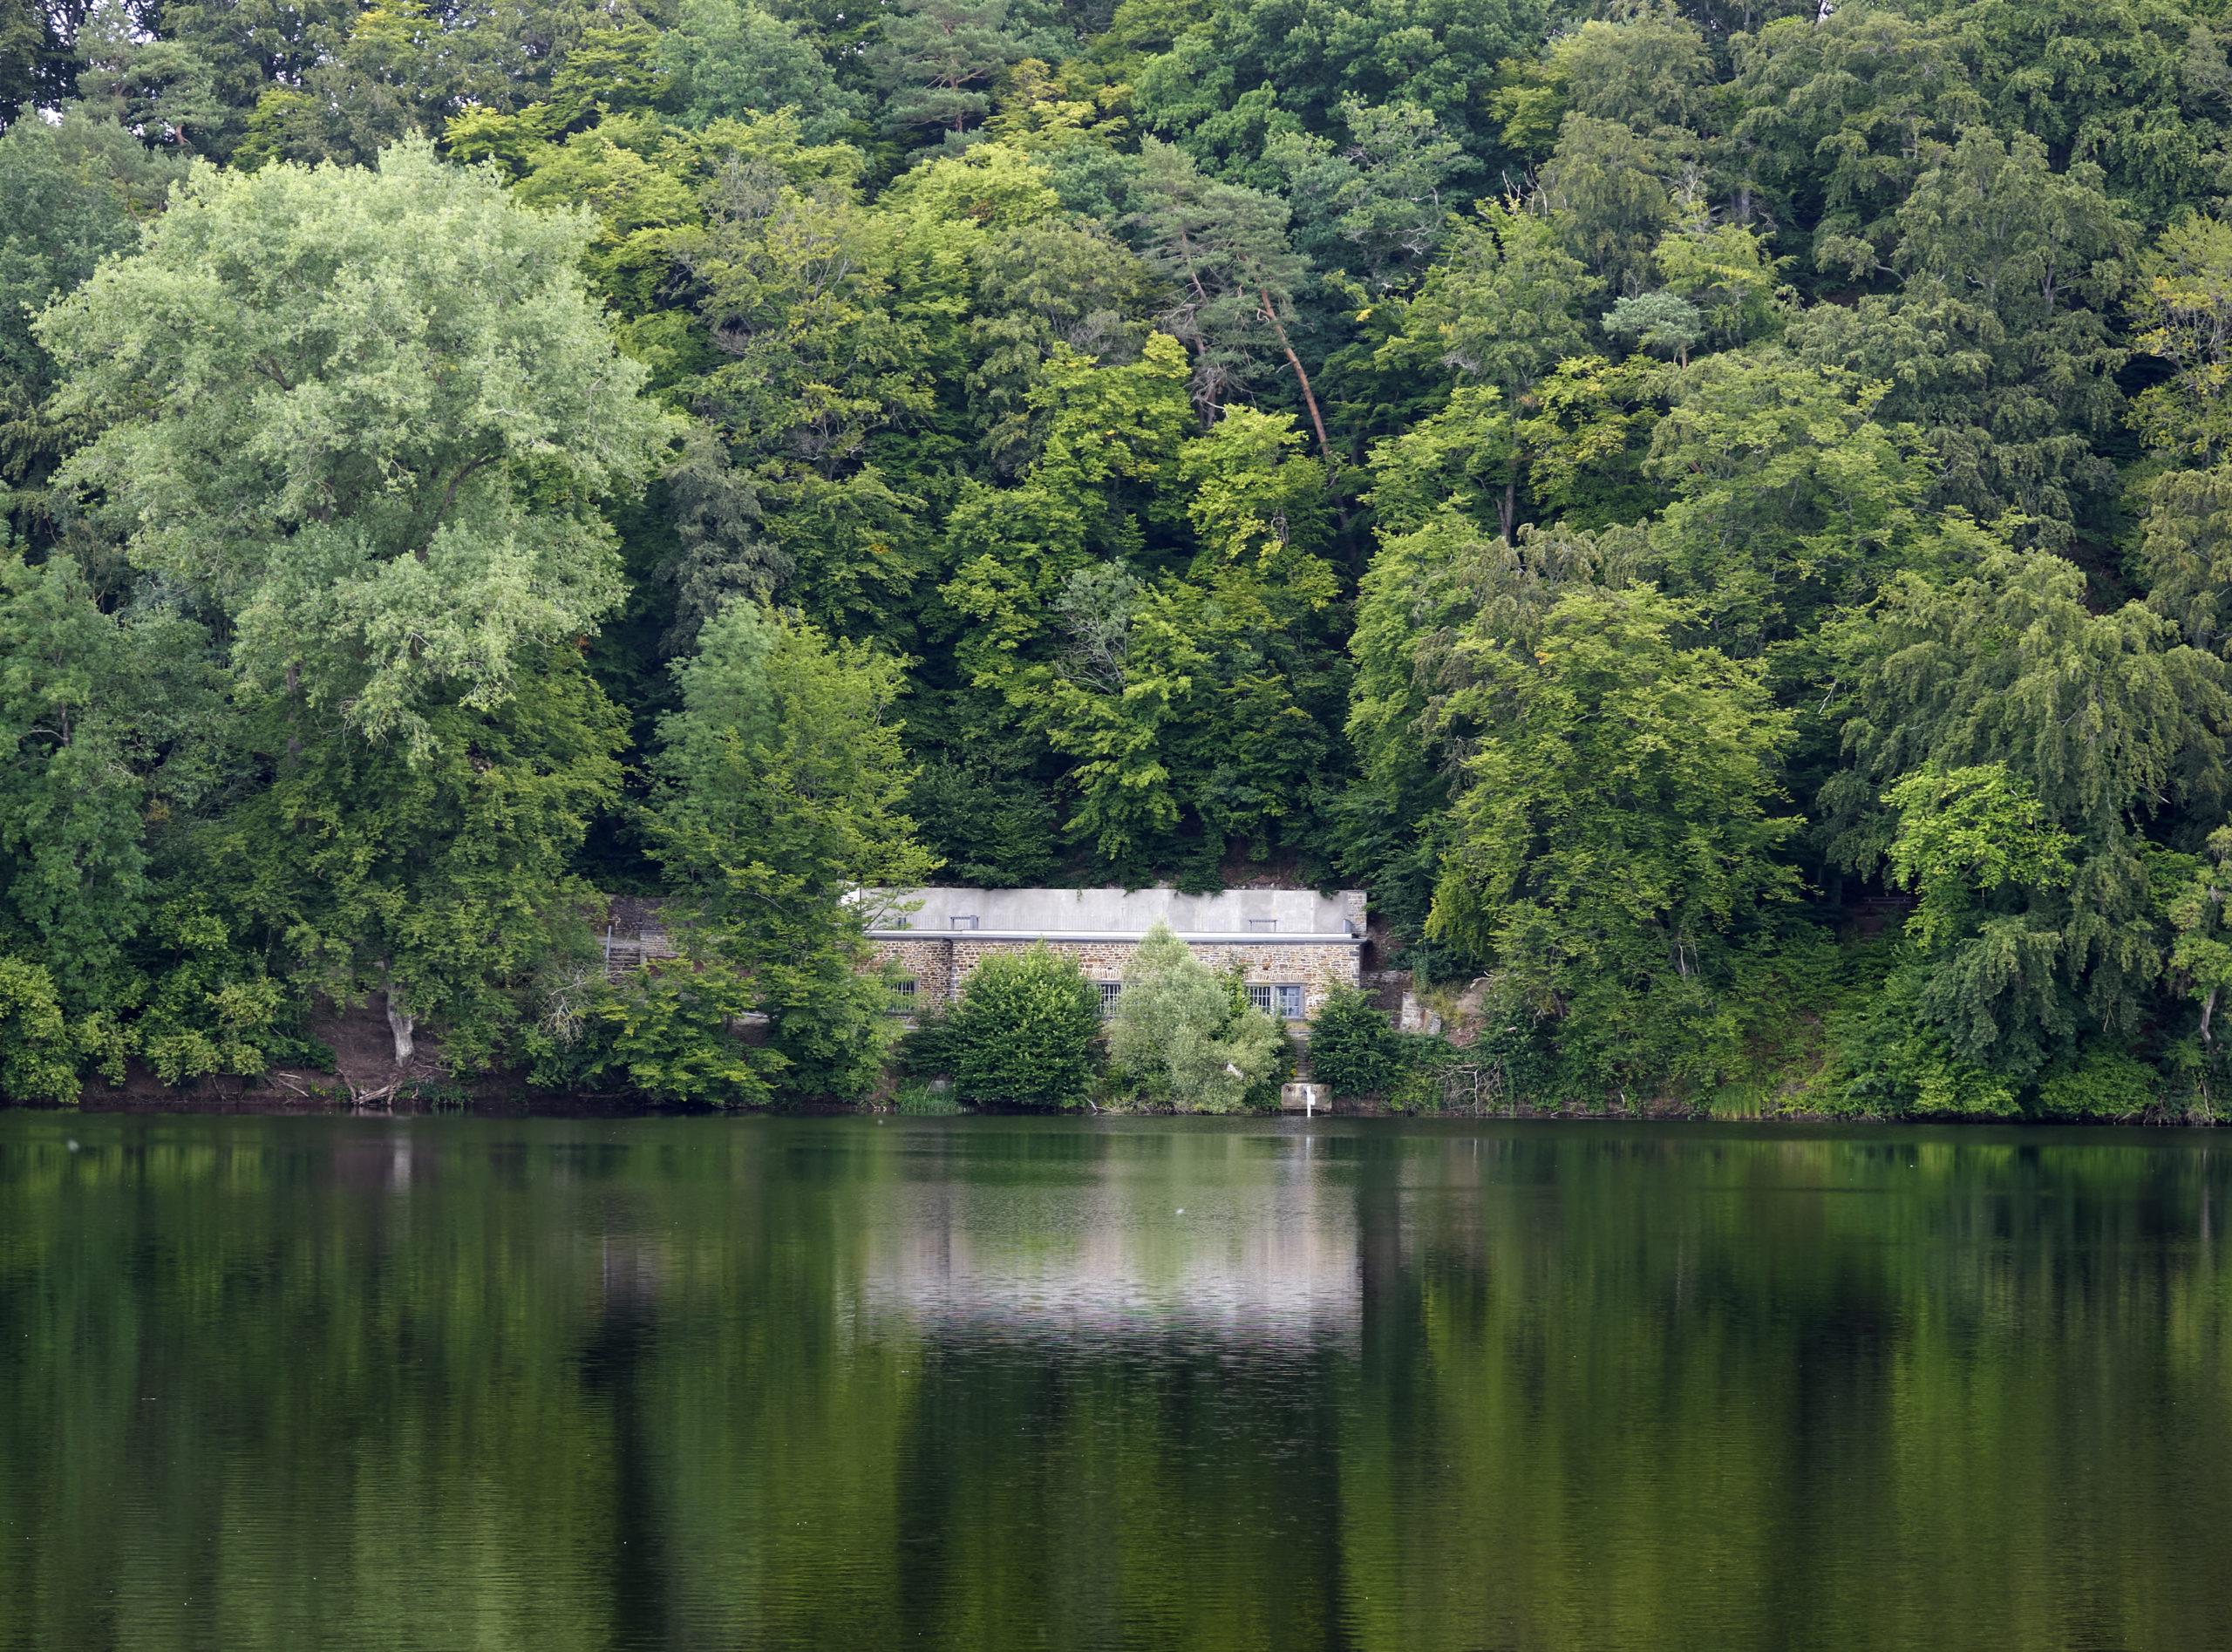 Blick auf Pumpenhaus von gegenüberliegendem Ufer